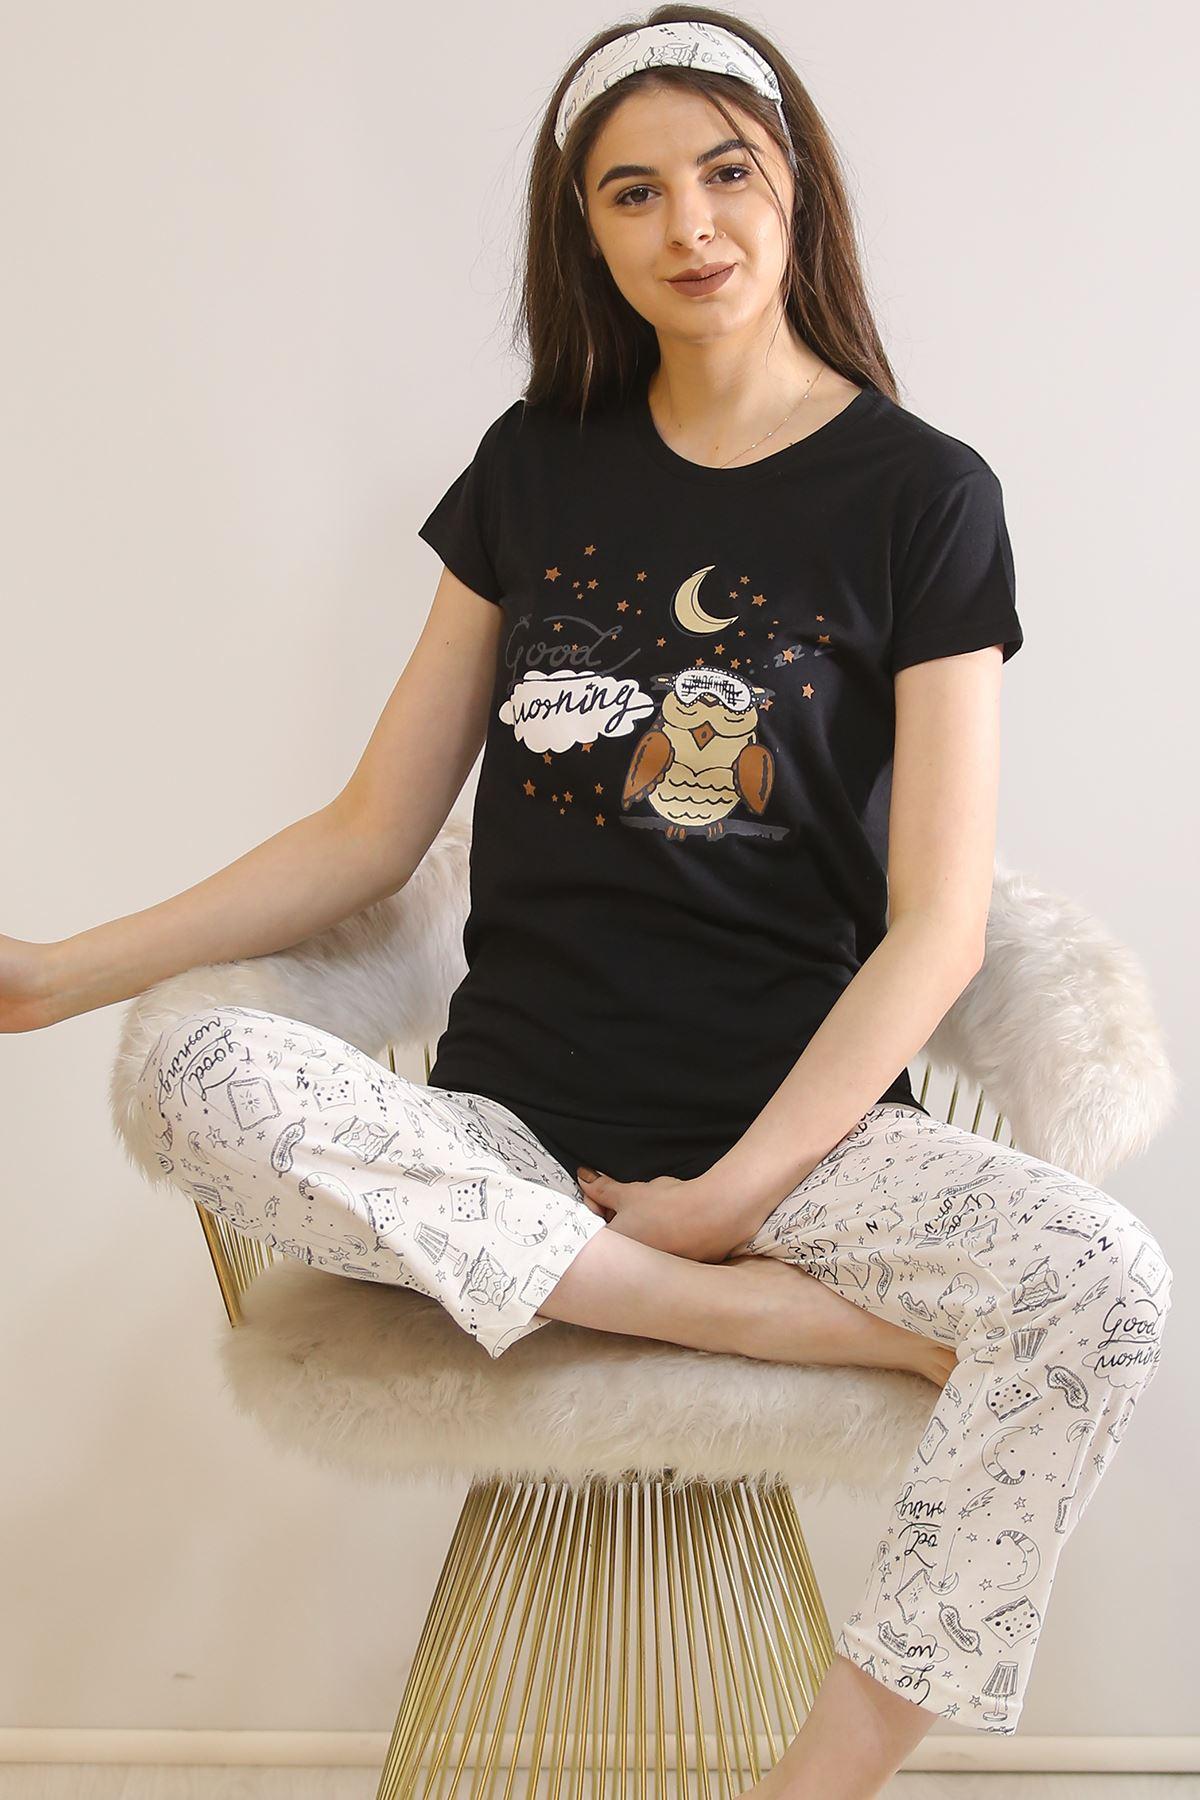 Baskılı Pijama Takımı Siyah - 21445.1059.